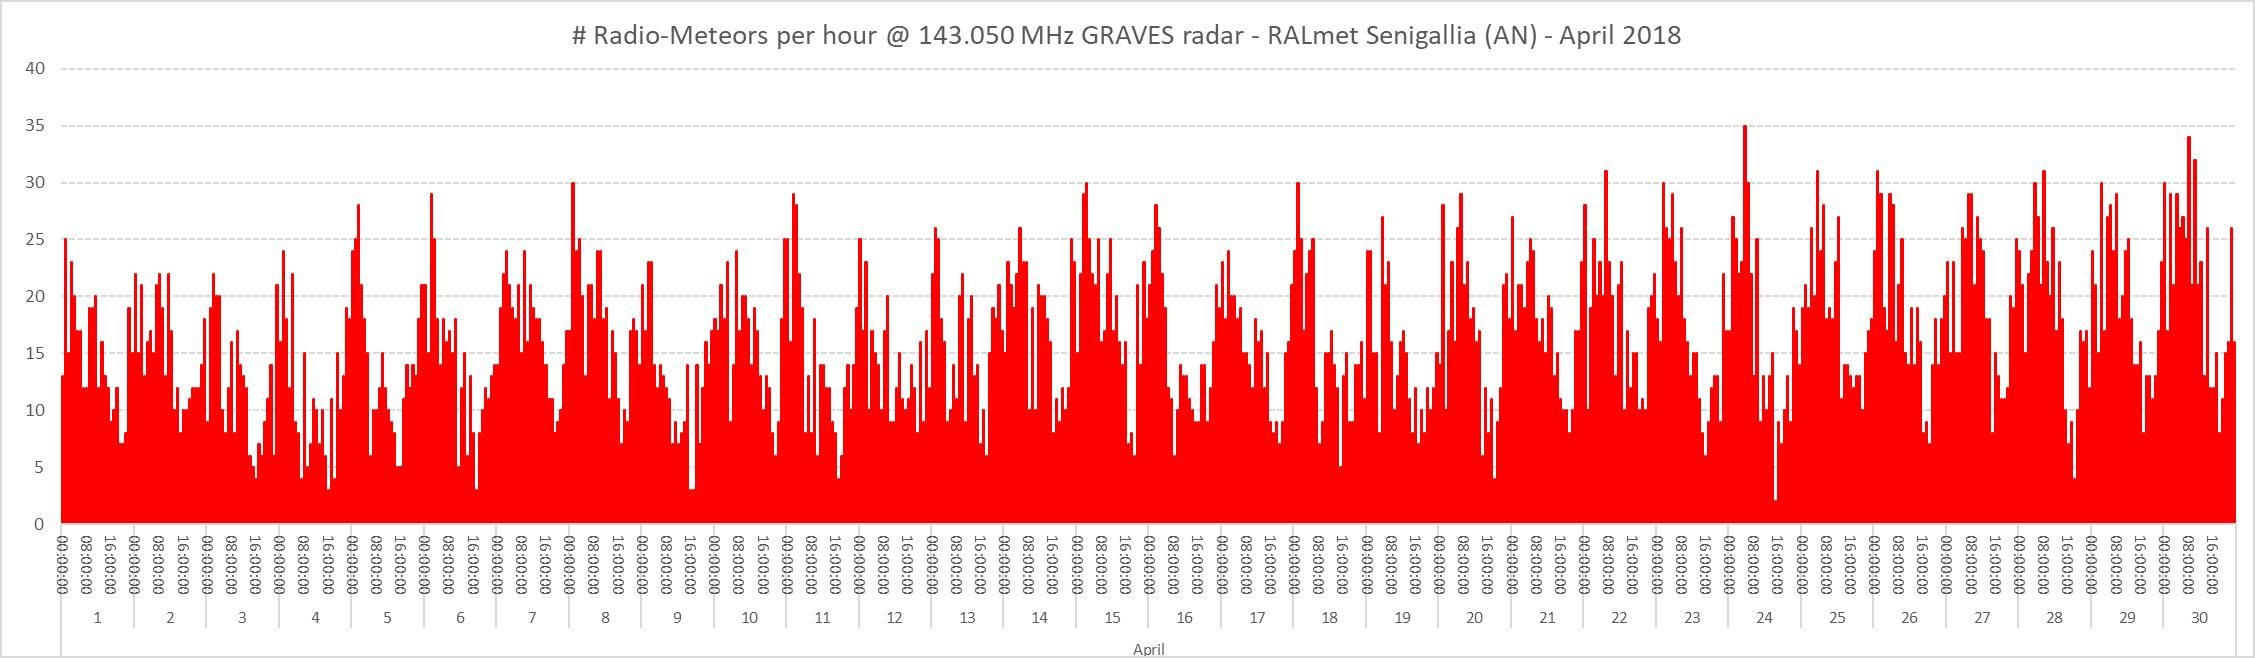 Conteggio del numero di radio-meteore per ora nel mese di Aprile 2018.